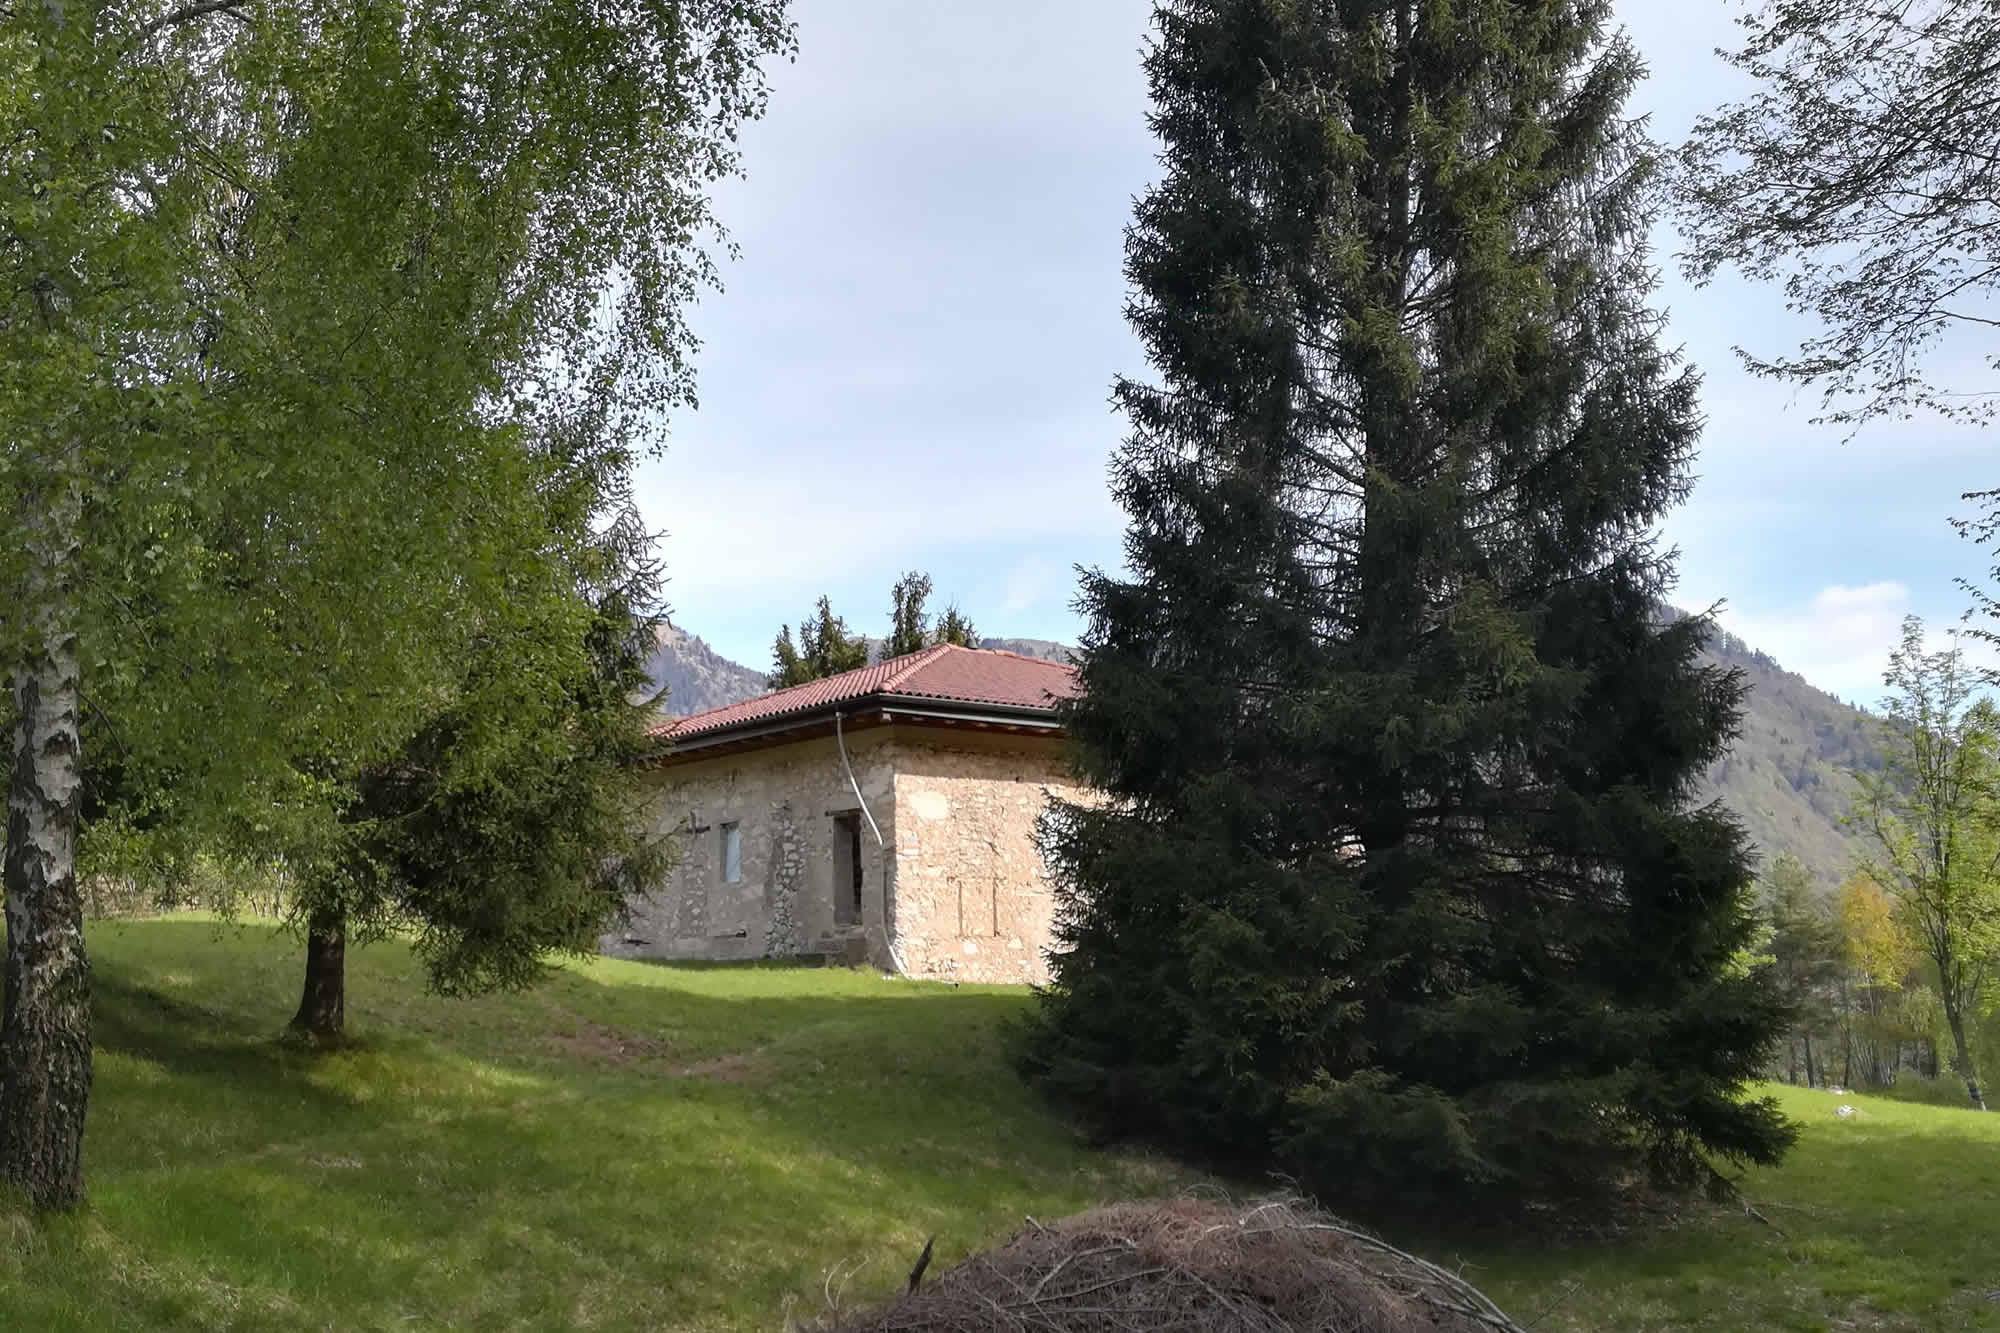 Edificio di origine militare